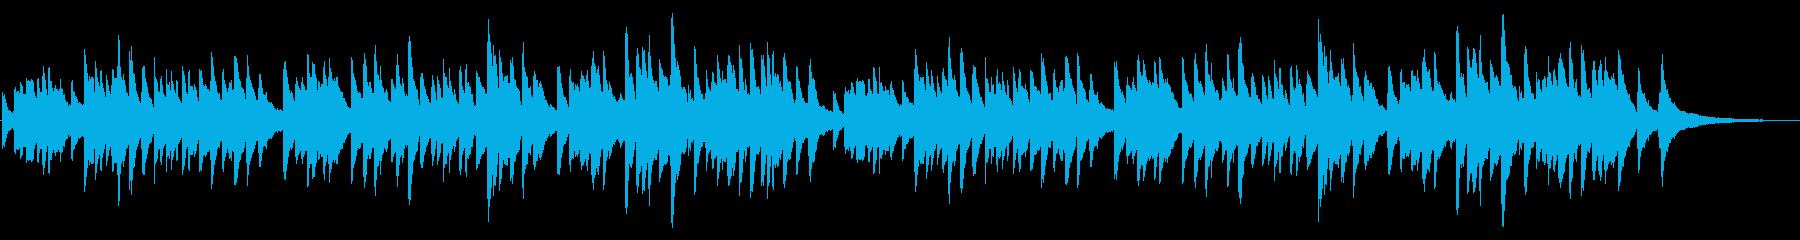 クリスマスおめでとうシンプルなピアノソロの再生済みの波形